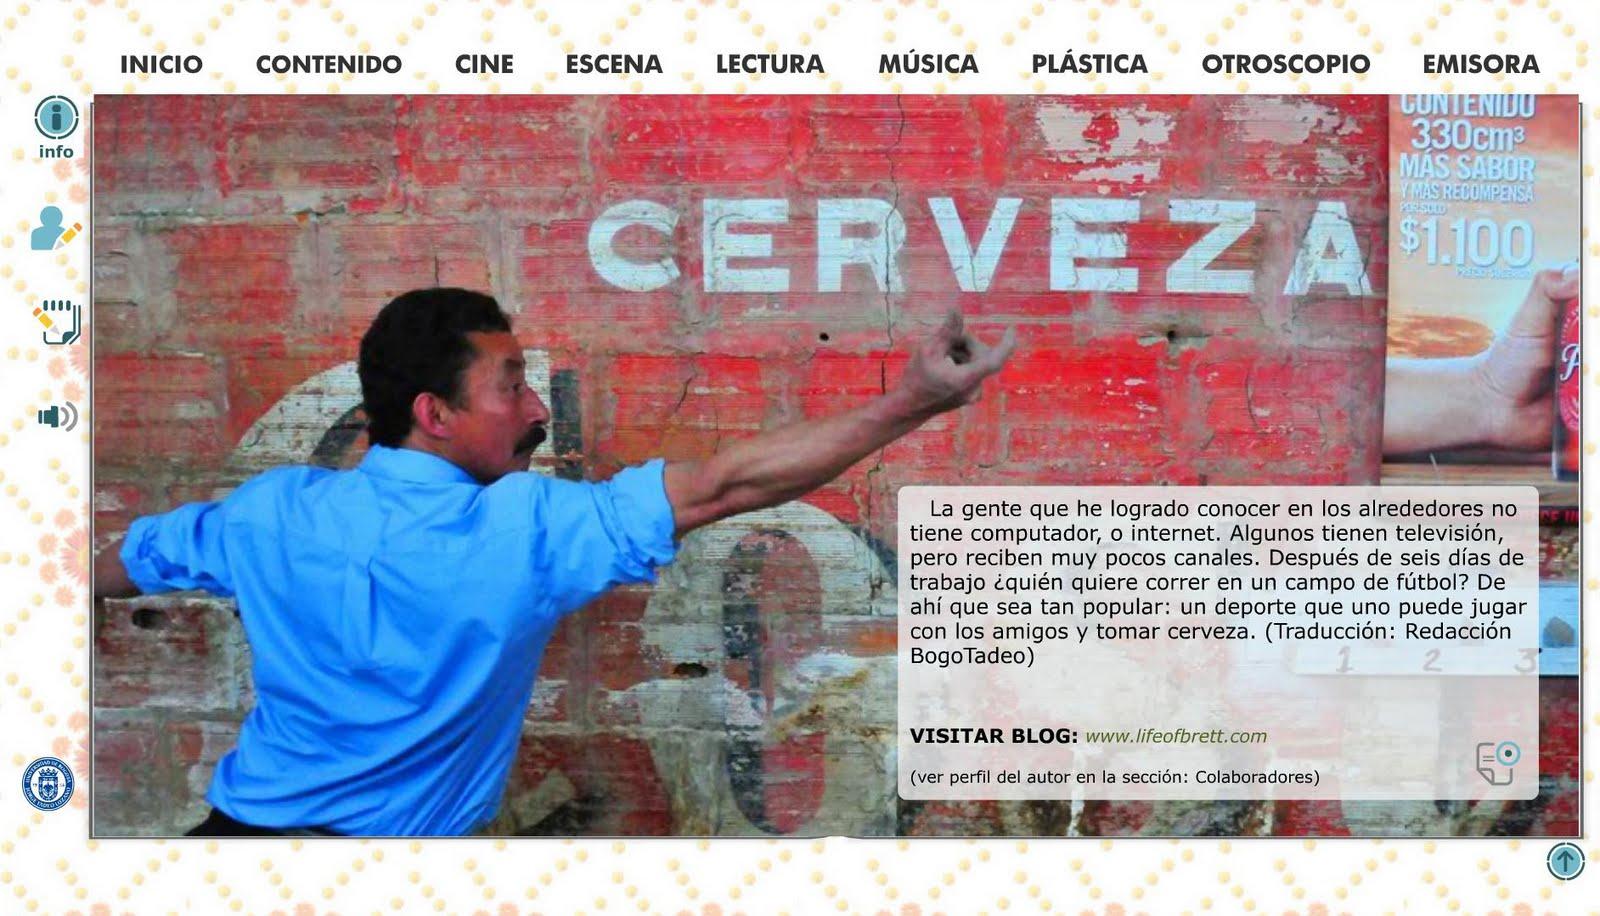 Life Of Brett 2010 # Muebles Easy Bogota